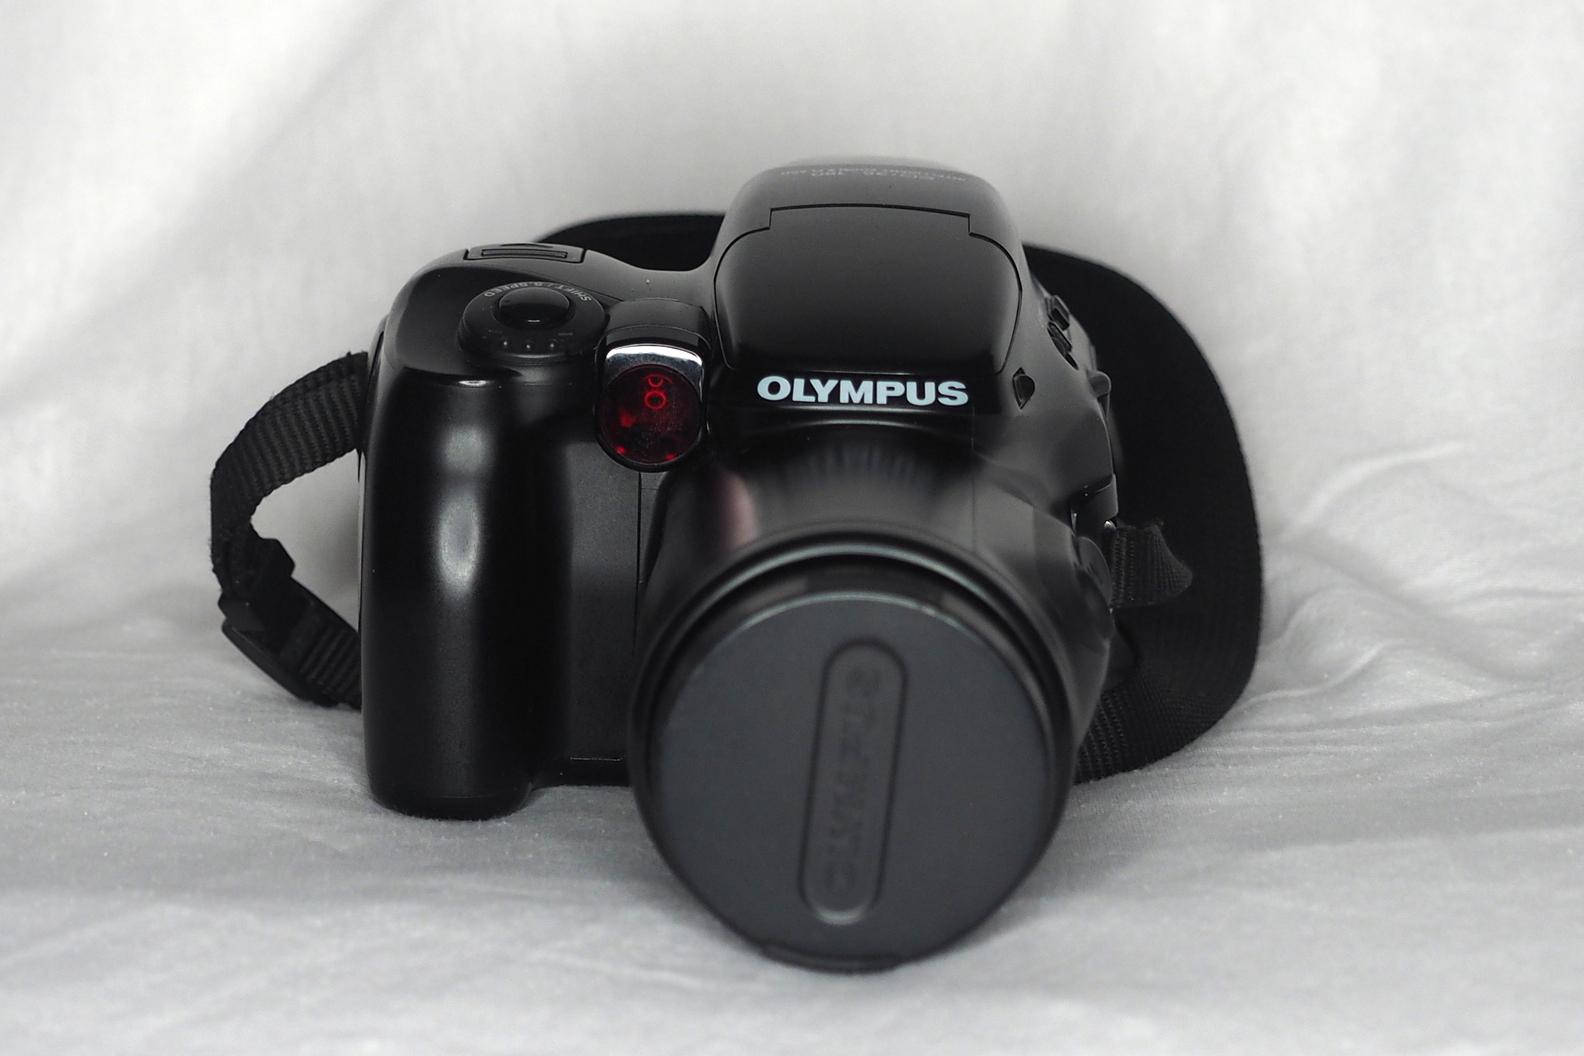 Olympus iS-3000 (Pic: Bill Watts)